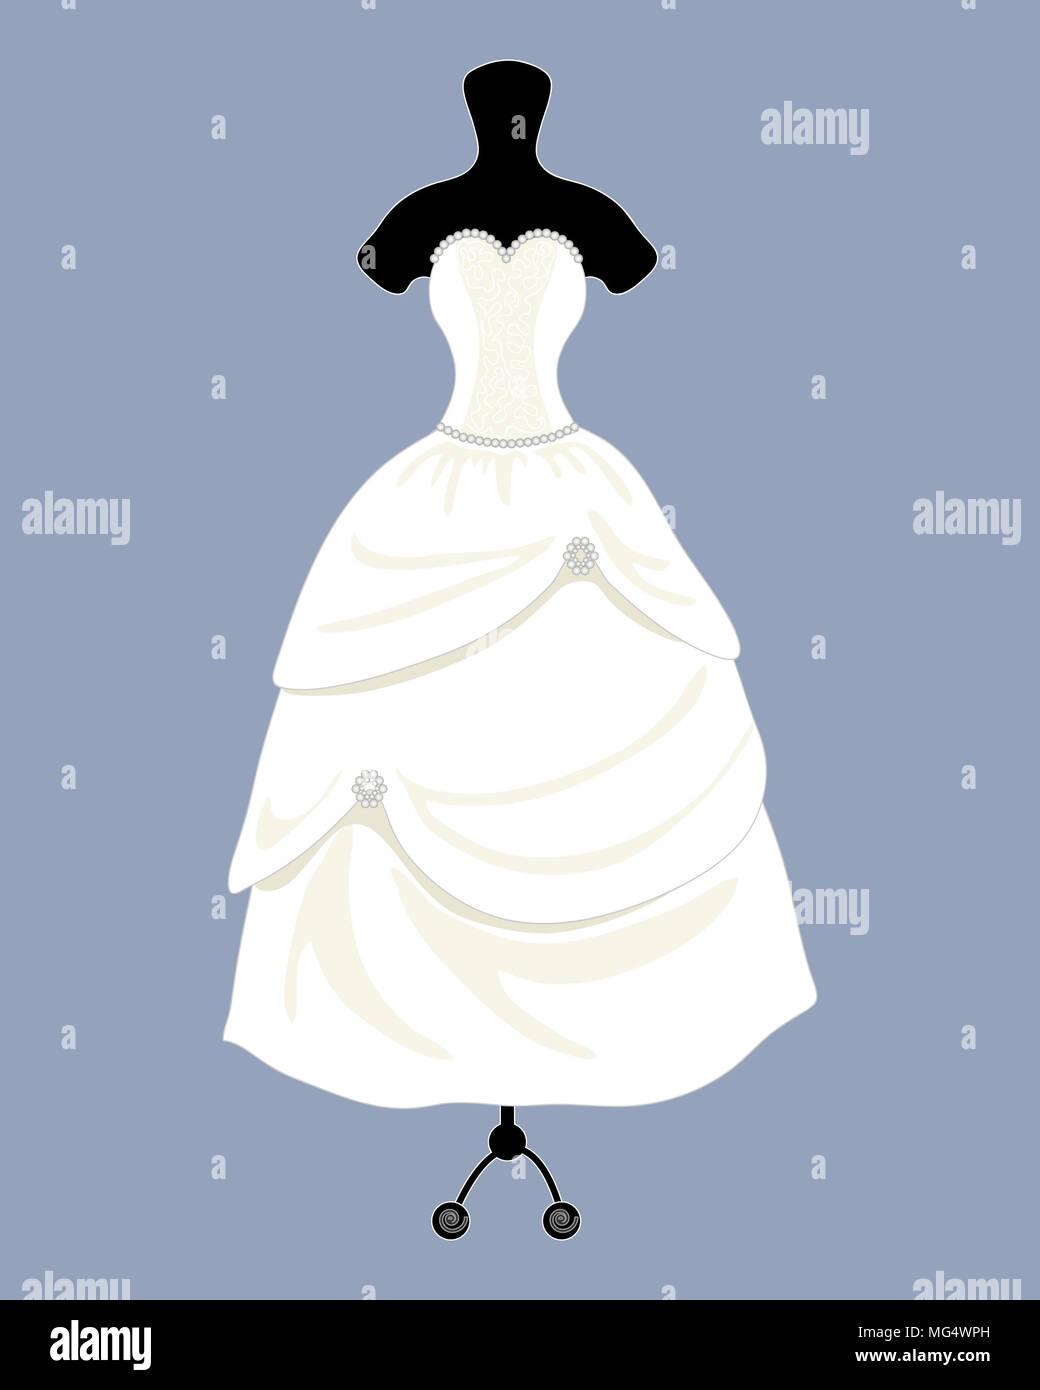 Una illustrazione di un designer di Bellissimo abito da sposa in una bella palla abito stile con un mantello completo su uno sfondo blu Immagini Stock